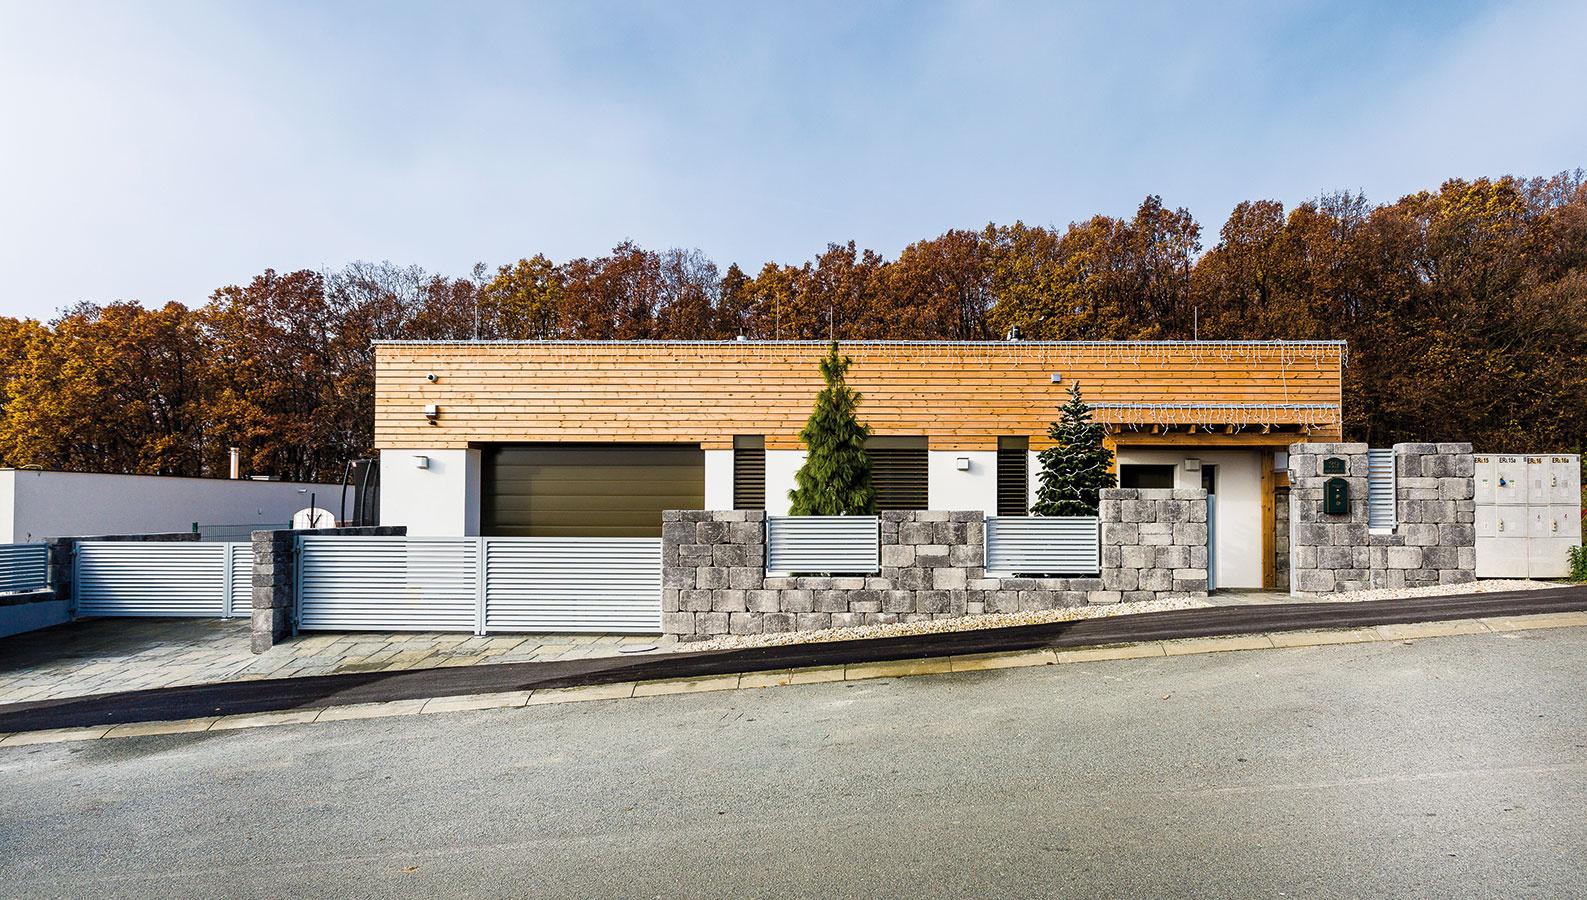 Vkusný minimalistický dizajn domu pôsobí napriek svojej jednoduchosti na pozadí zvažujúcej sa ulice dynamicky.  Obklad ztermodreva zas príjemne korešponduje sneďalekým lesom.